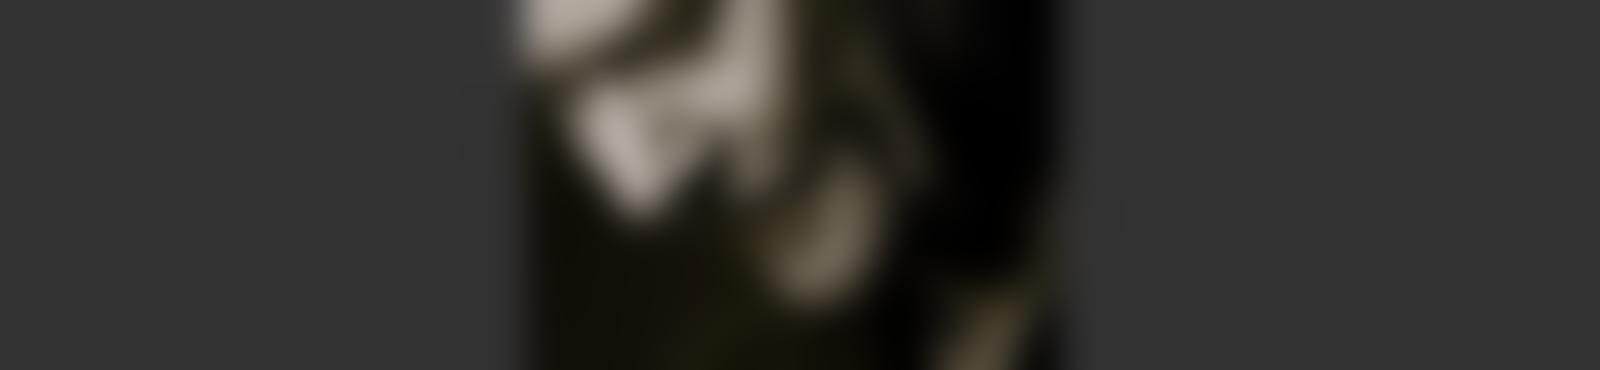 Blurred 0a7242da ad6e 49af 81d1 7295a6cd51c0